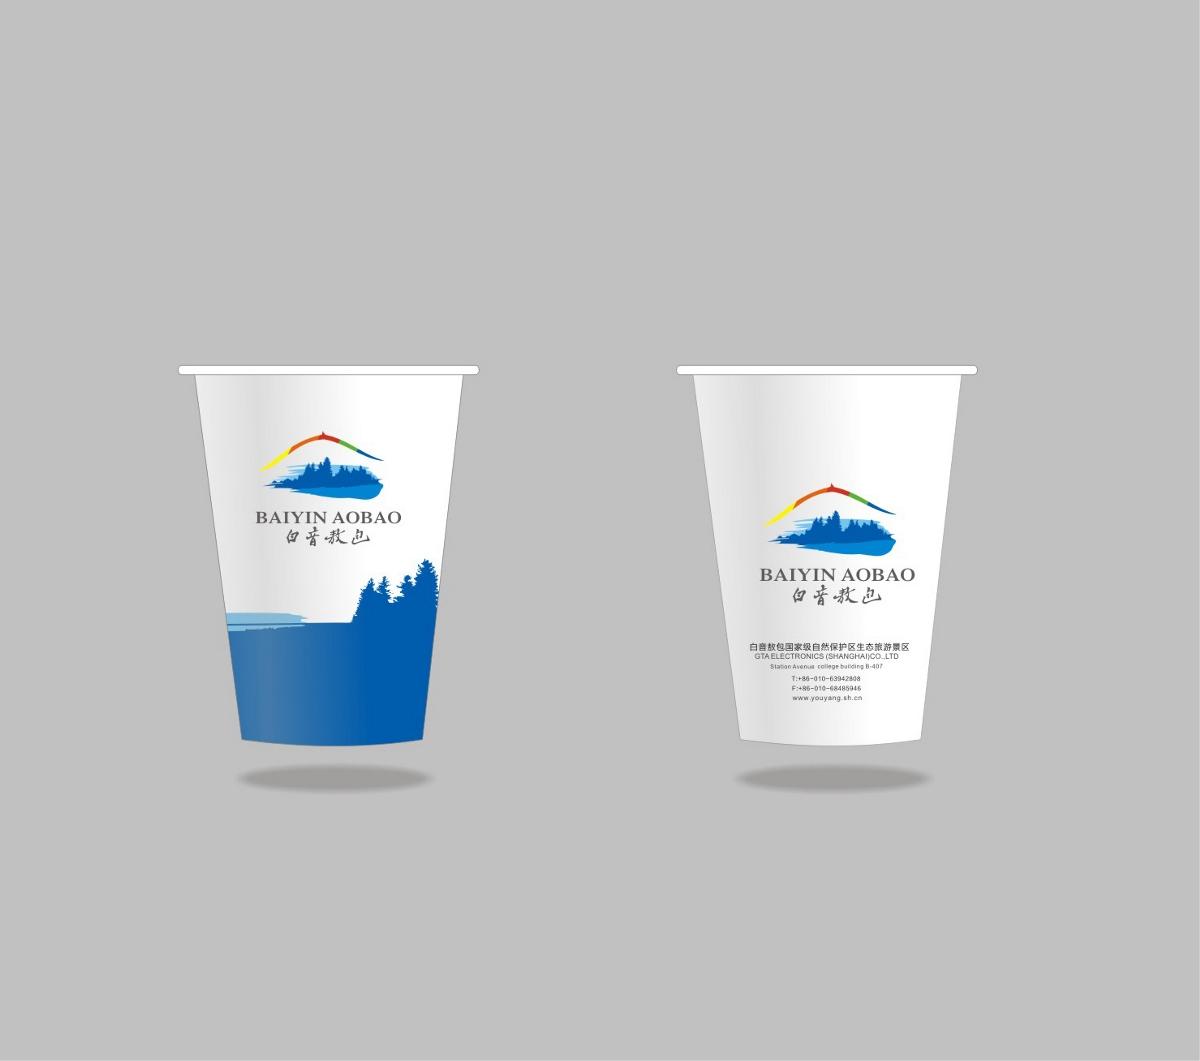 白音敖包景区品牌形象标识